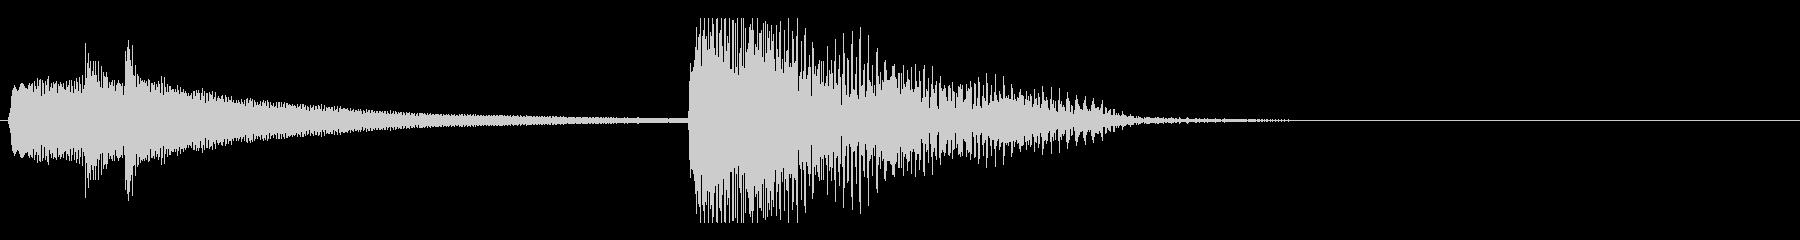 ハープによるアイキャッチの未再生の波形